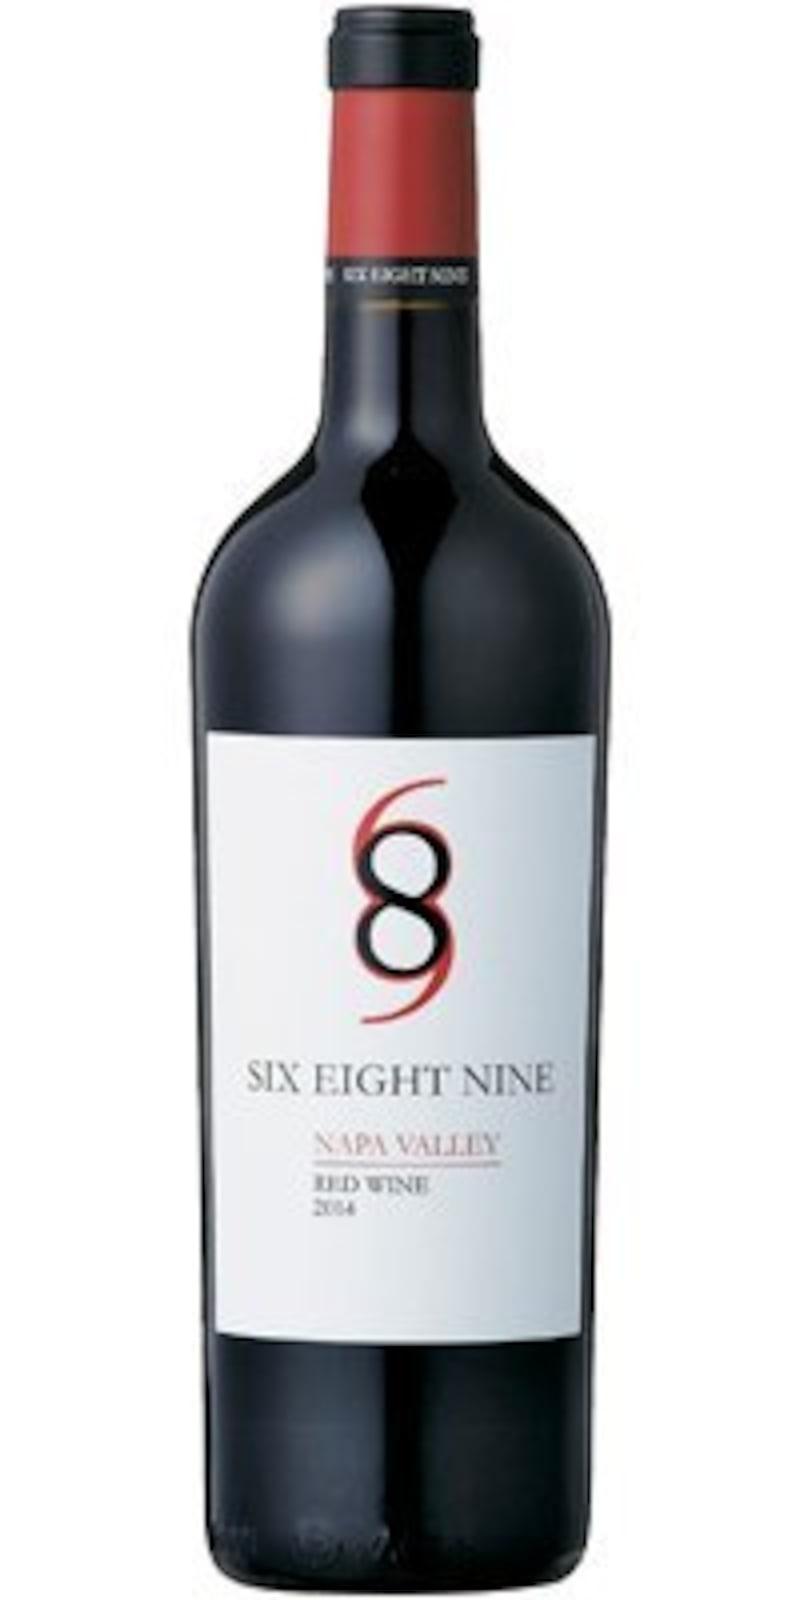 SIX EIGHT NINE(シックス エイト ナイン),ナパ・ヴァレー レッド